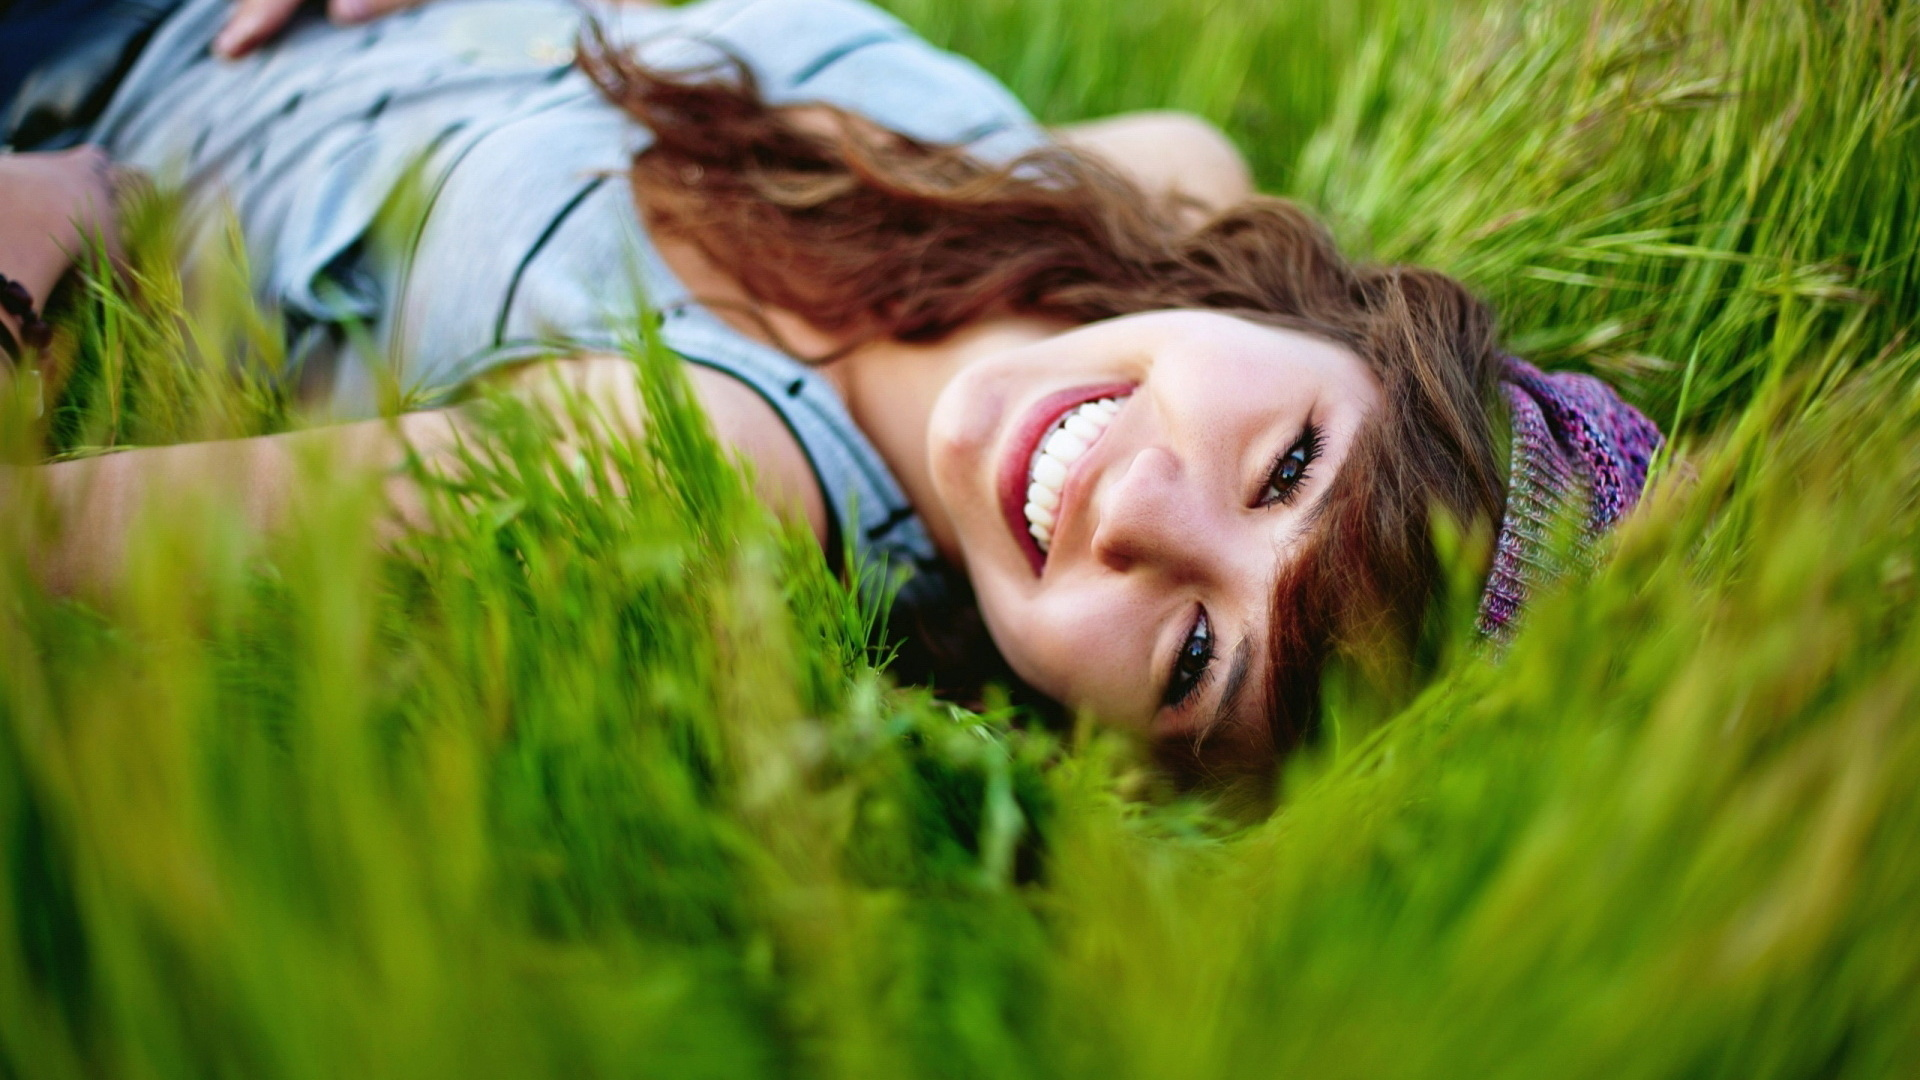 Веселые, позитивное настроение картинки цветы девушке